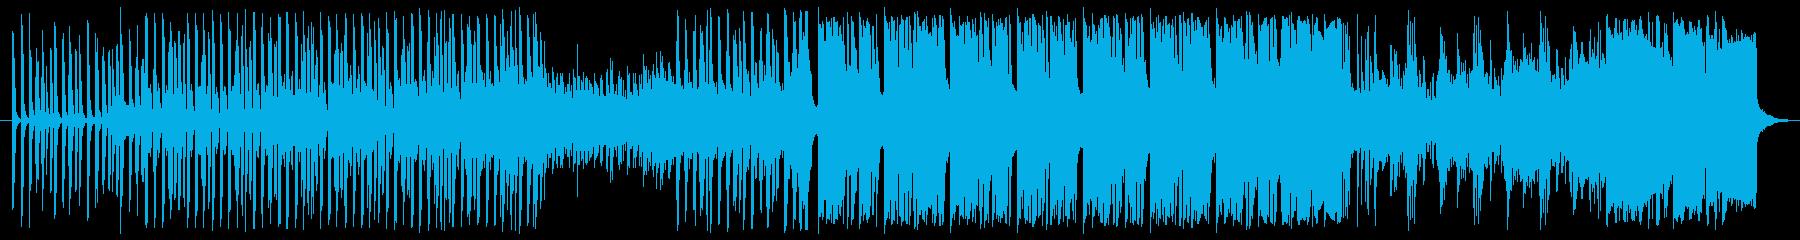 未来的なテクノオーケストラ 戦闘曲・SFの再生済みの波形